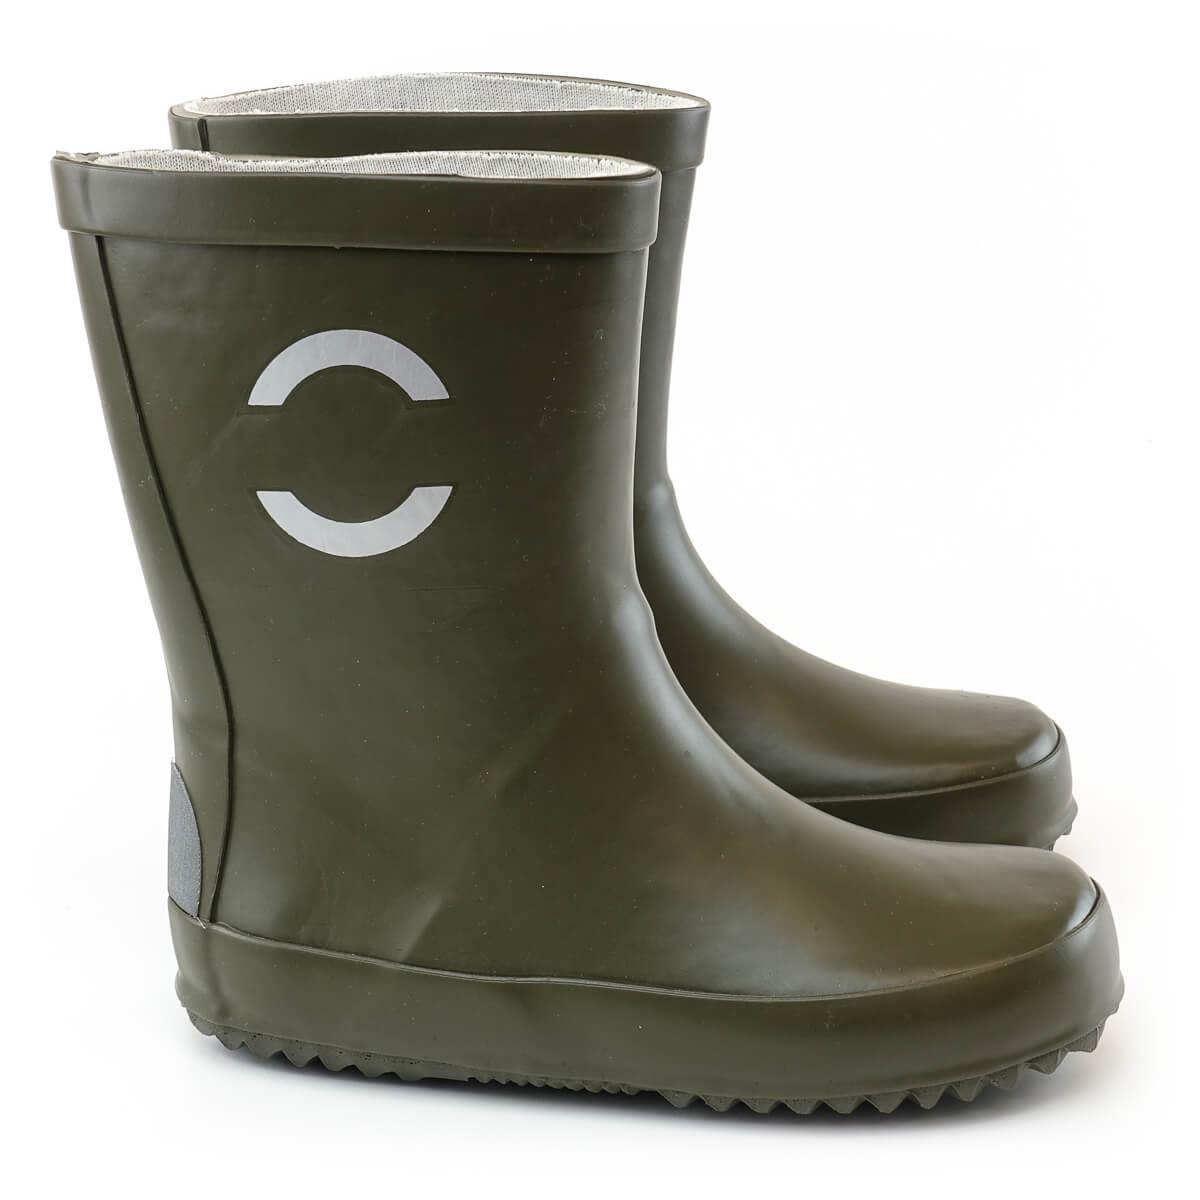 separation shoes 7b8c9 5e183 Regenstiefel und Gummistiefel als Barfußschuh findest Du auf ...